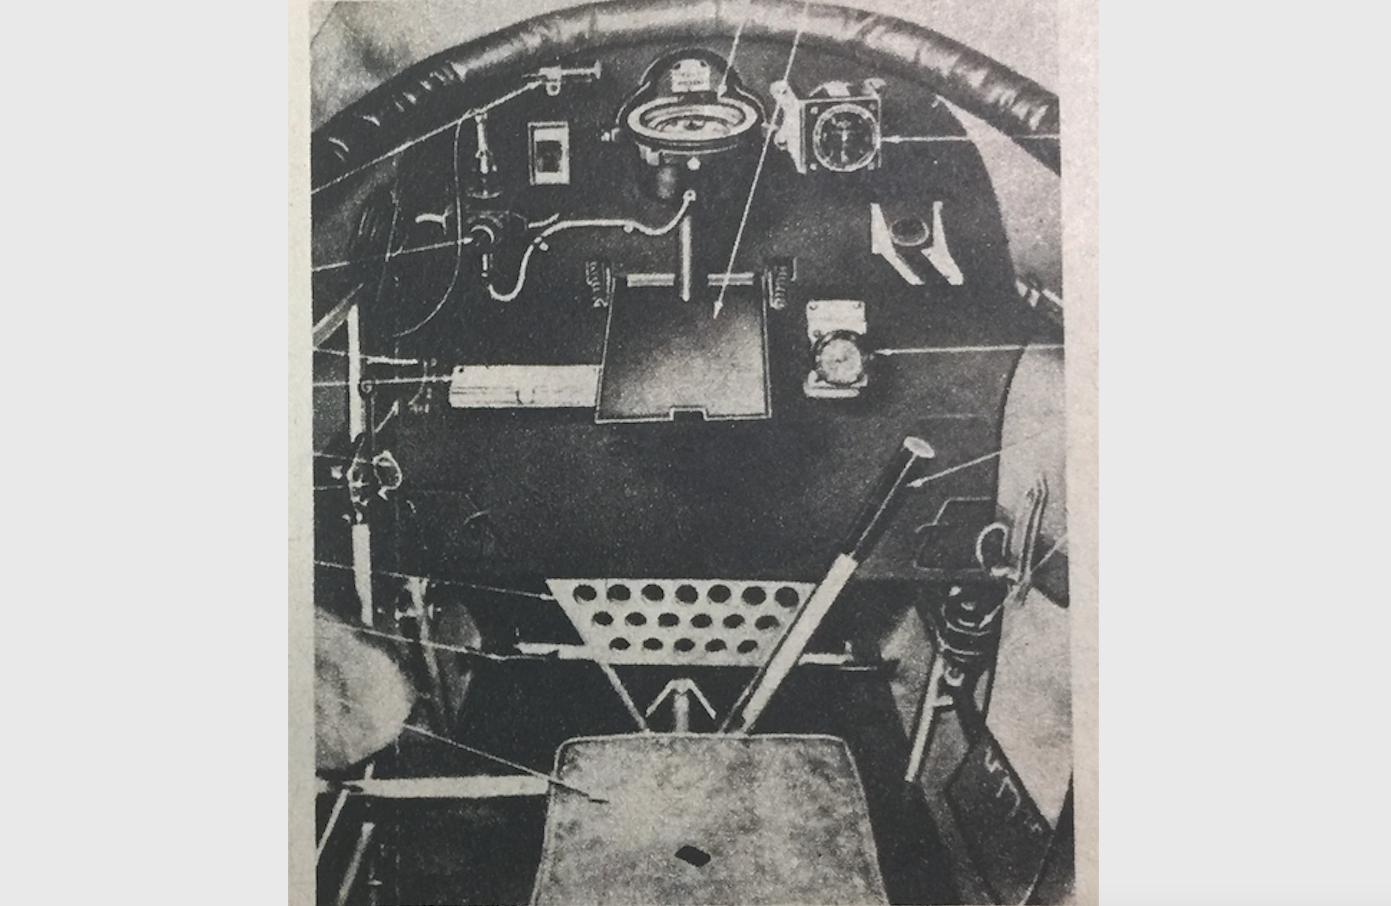 RWD-14, LWS Czapla. Miejsce obserwatora. 1938 rok. Zdjęcie z instrukcji obsługi